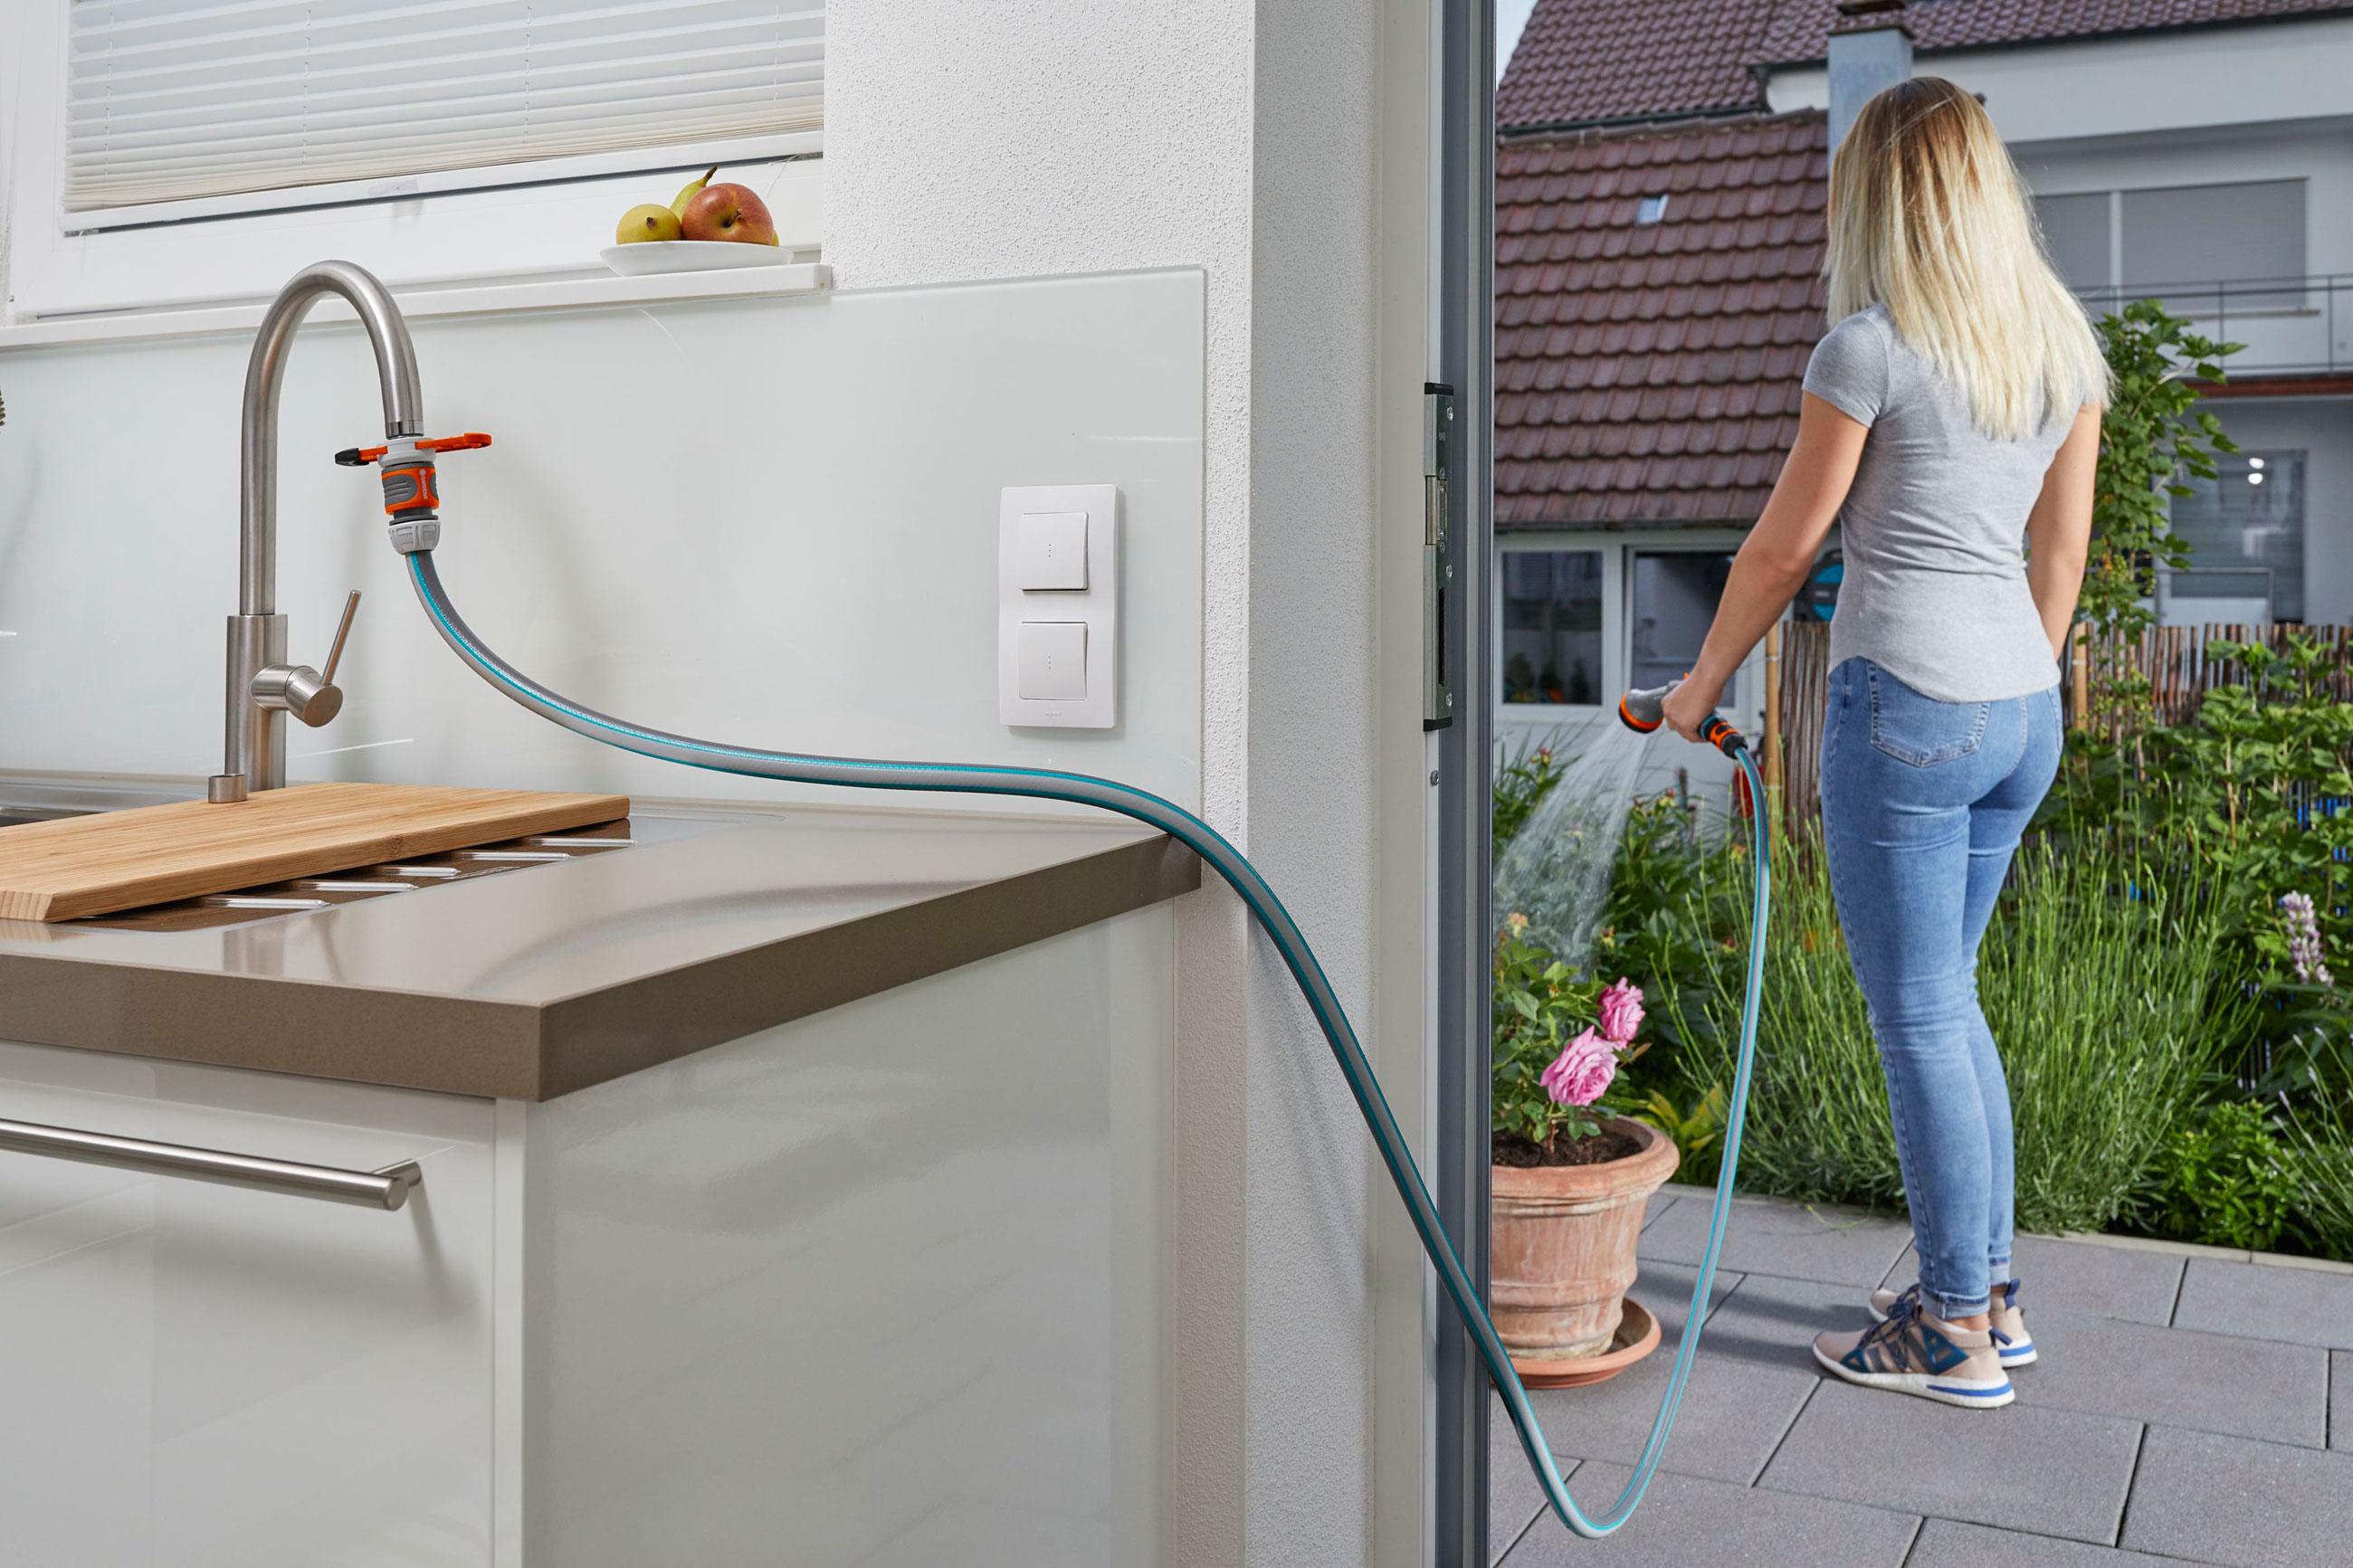 B-Ware  GARDENA Adapter für Indoor-Wasserhähne 08187-20 Bild 9